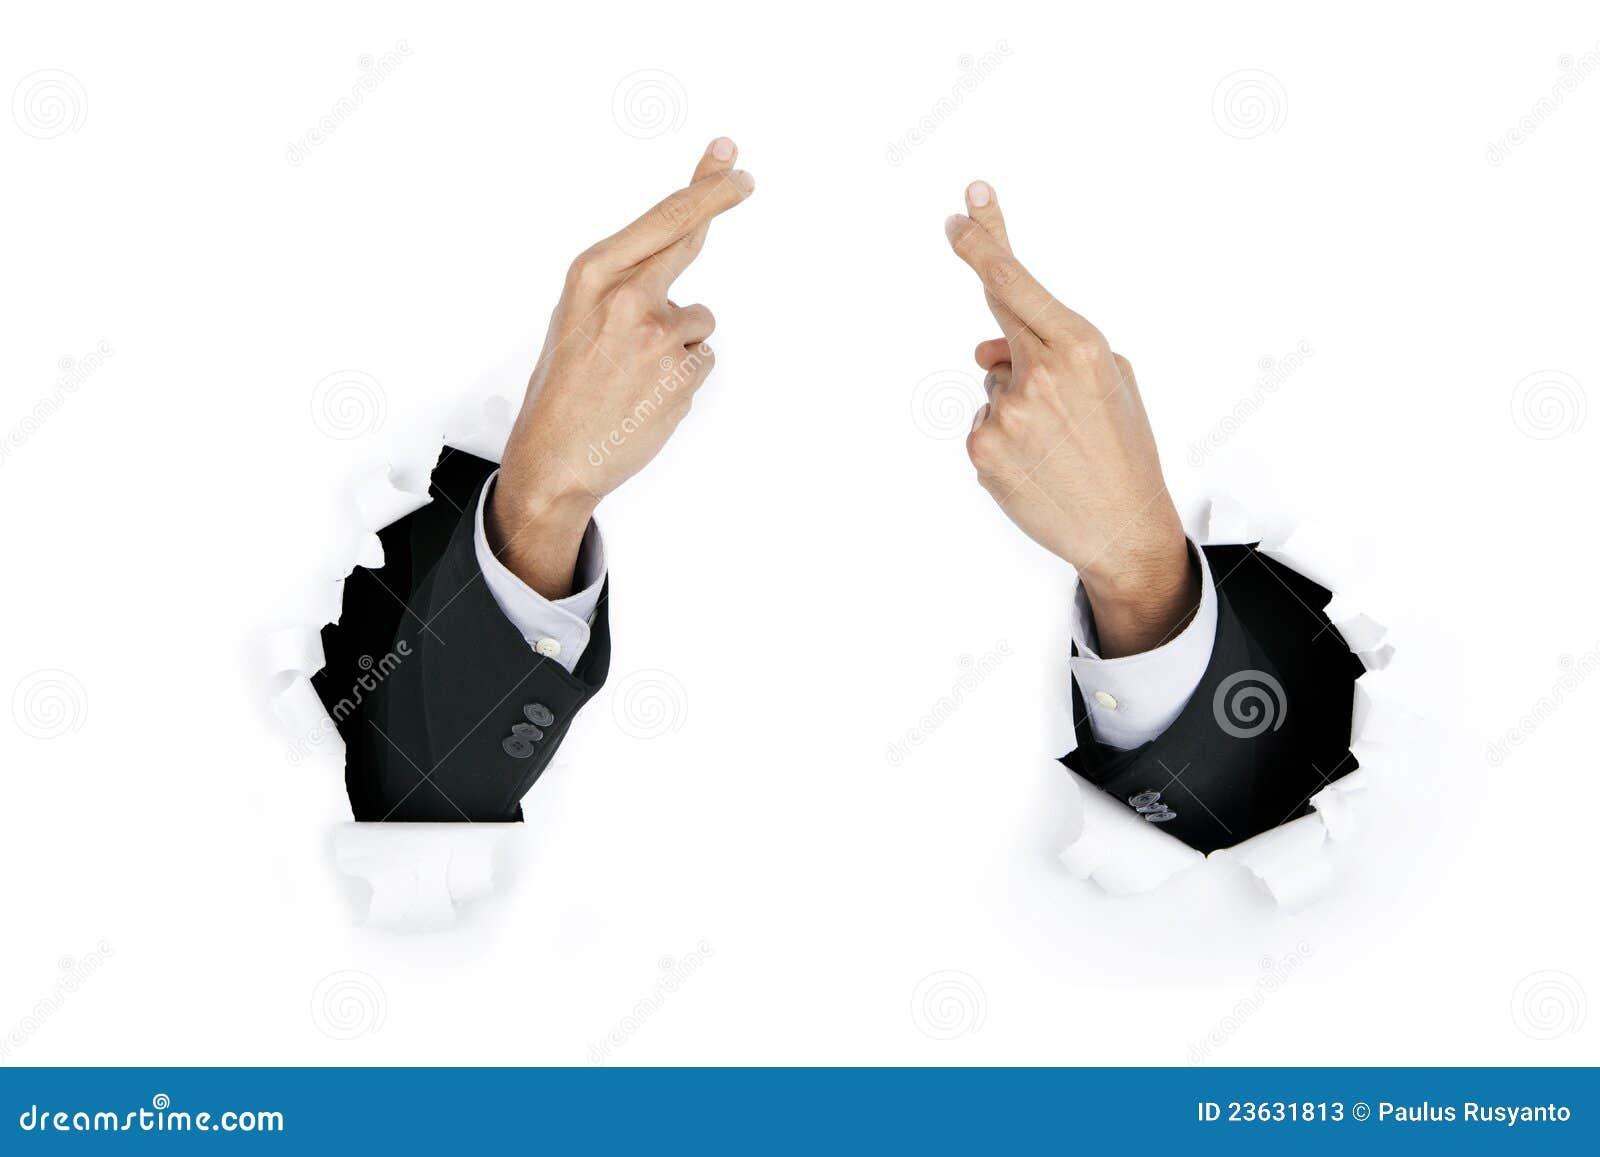 crossed-fingers-23631813.jpg